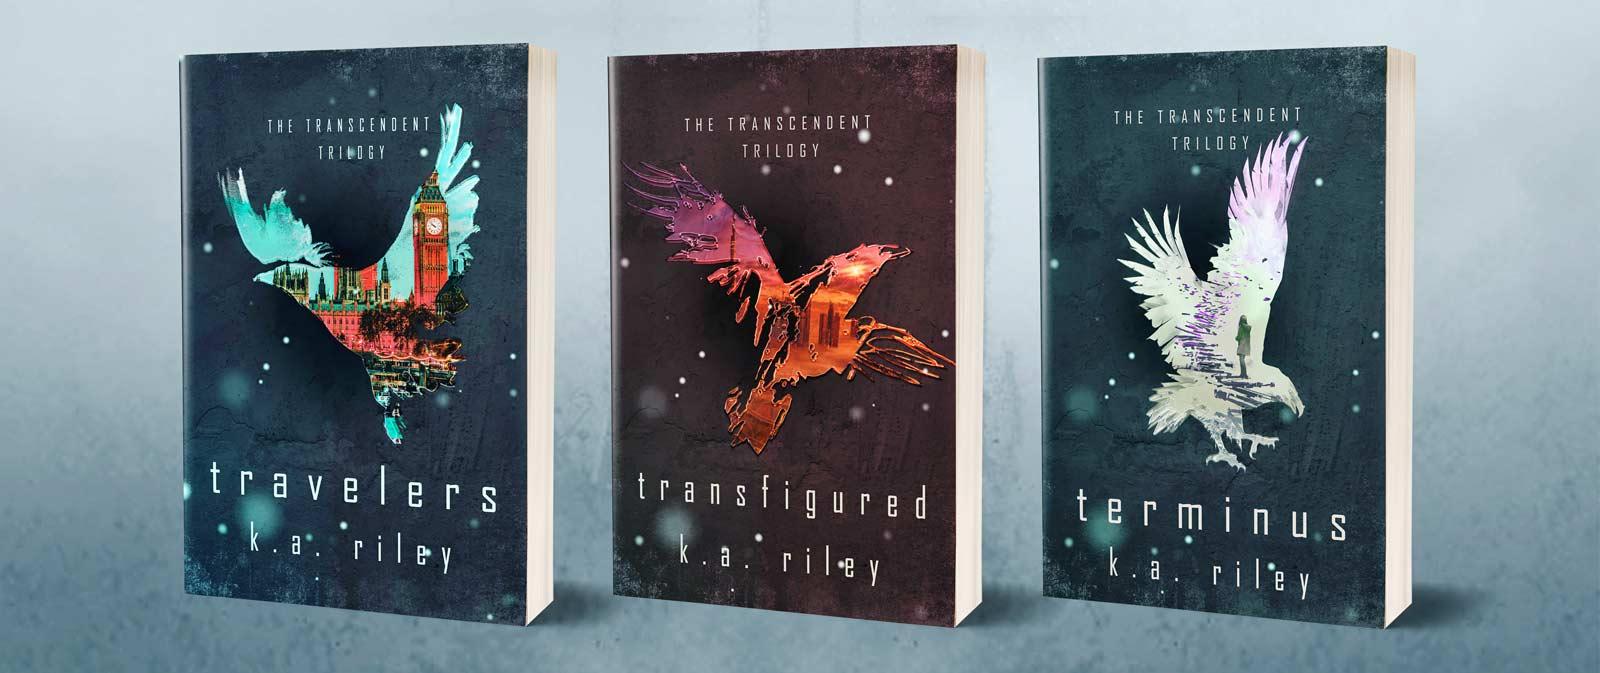 Transcendent Trilogy